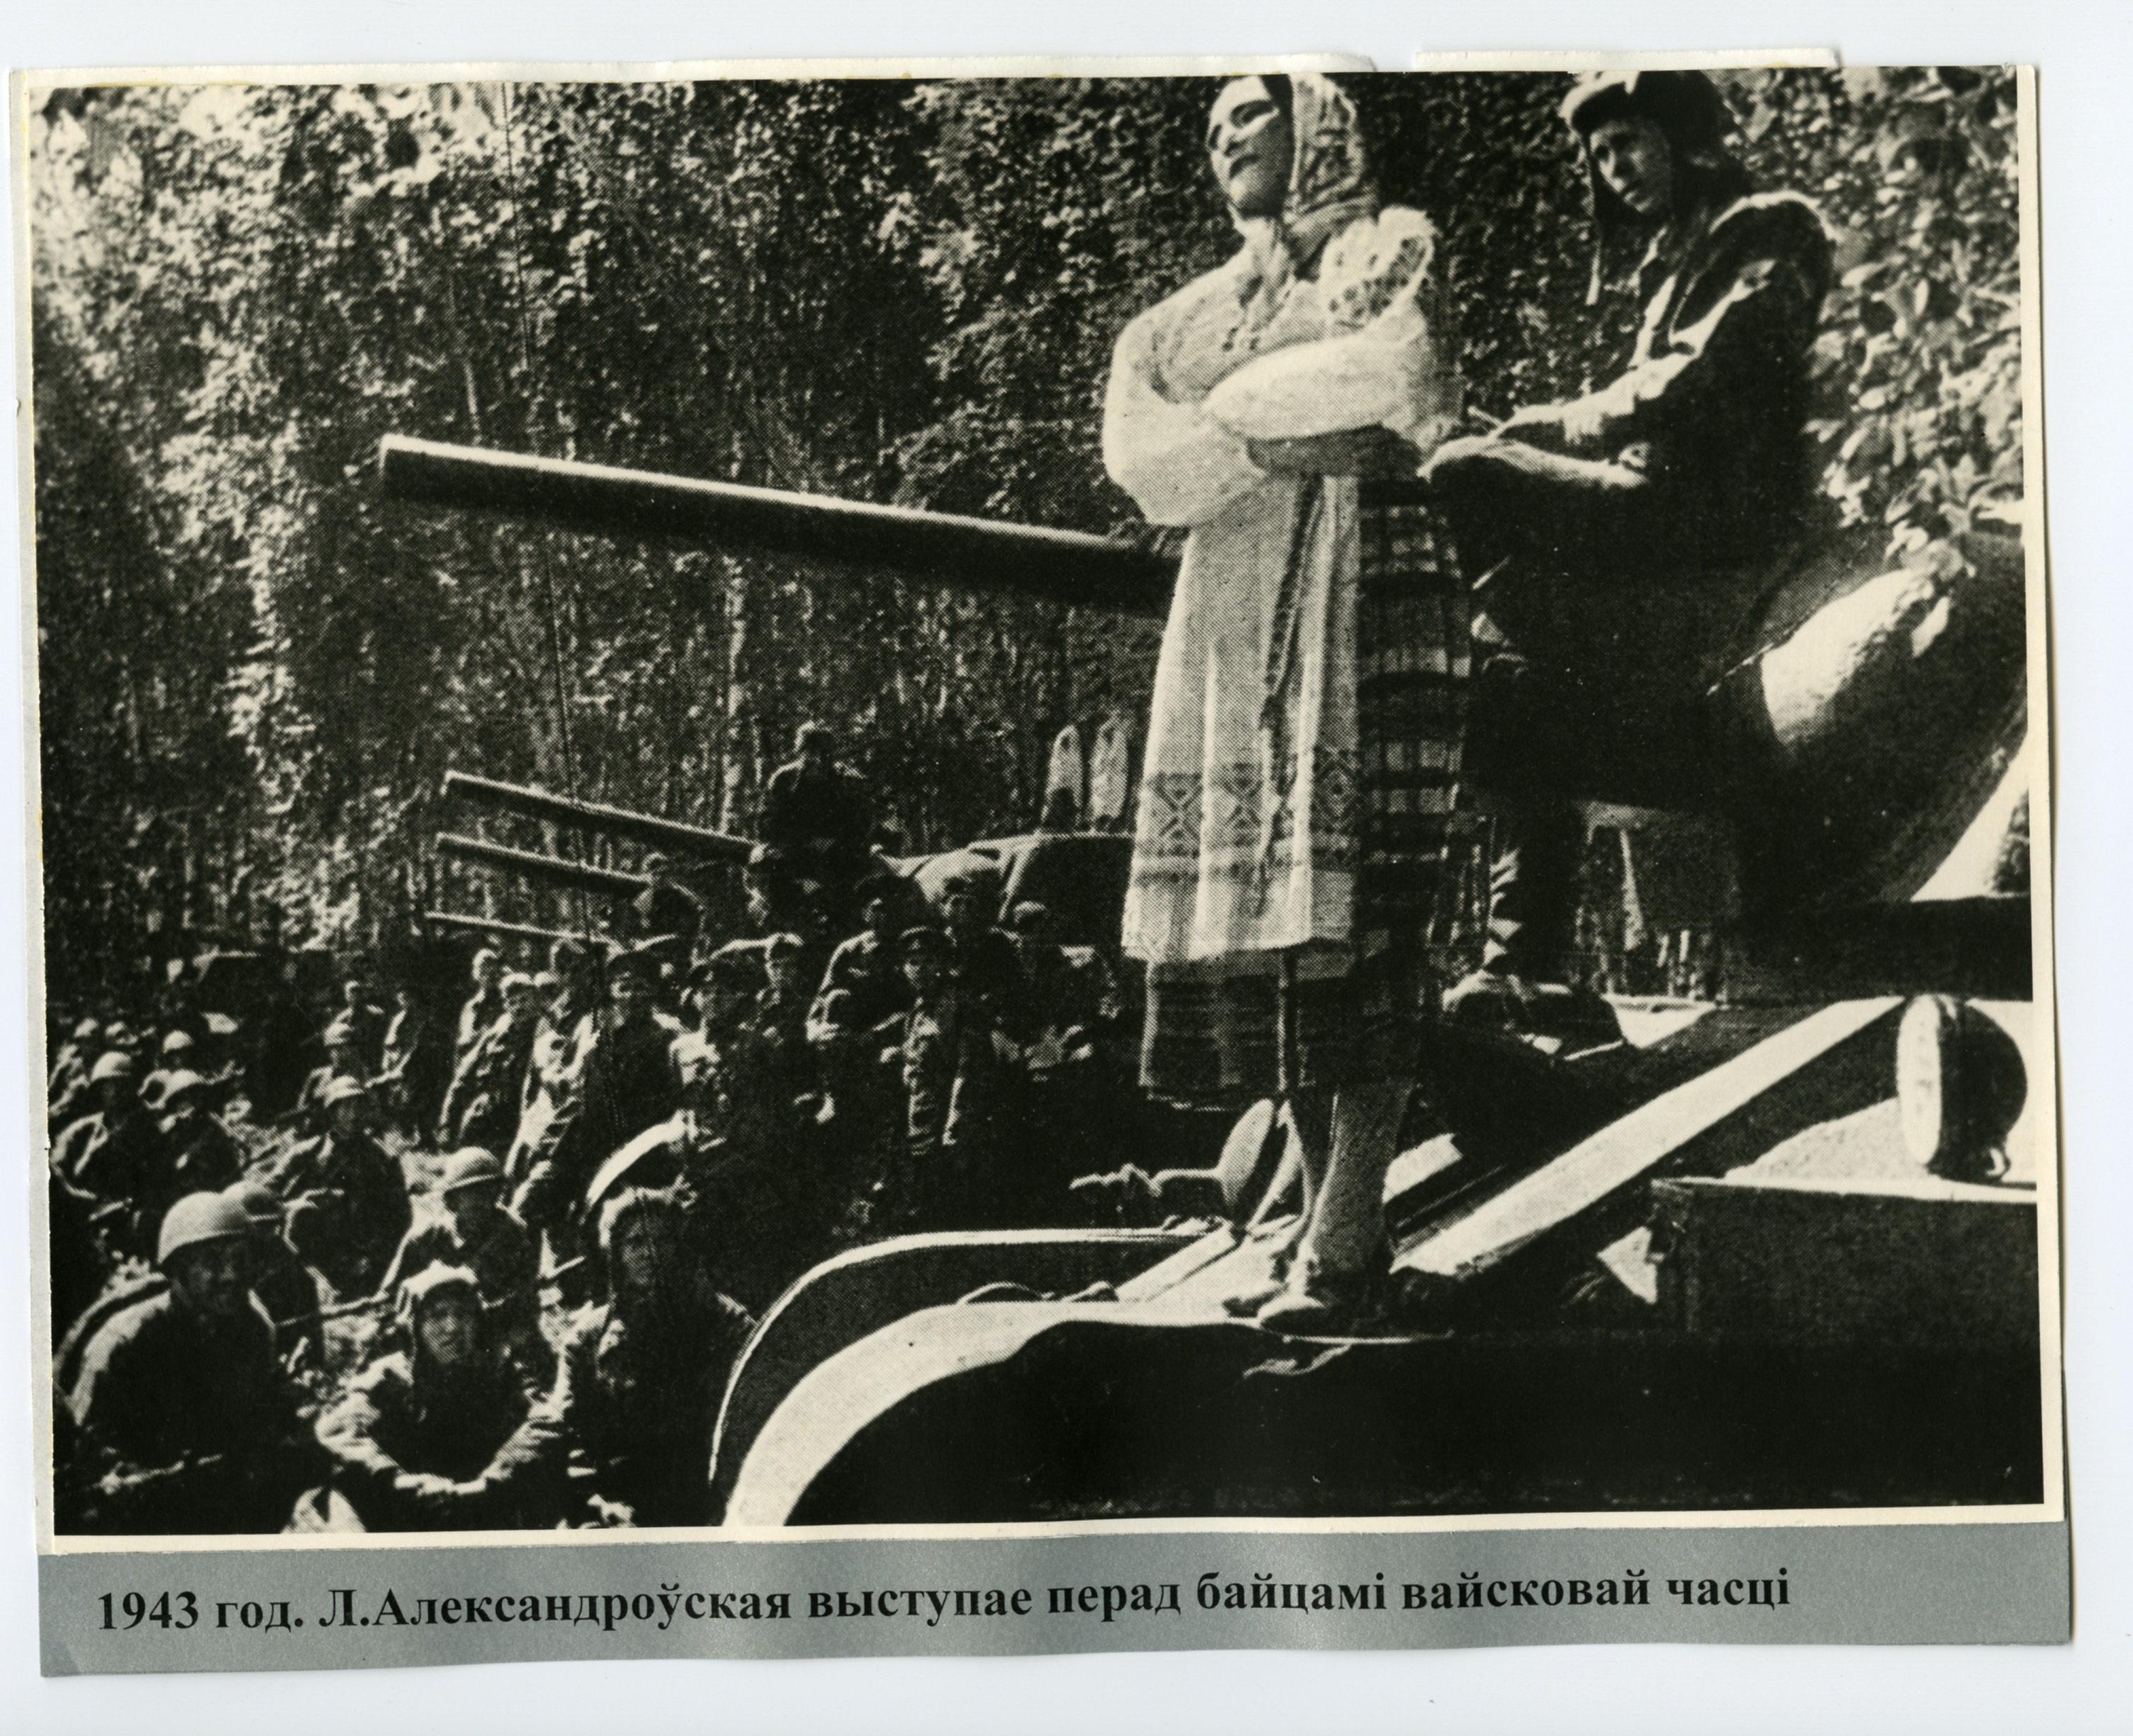 Л.Александроўская на танку. 1943 год. Кадр кінахронікі ТАСС